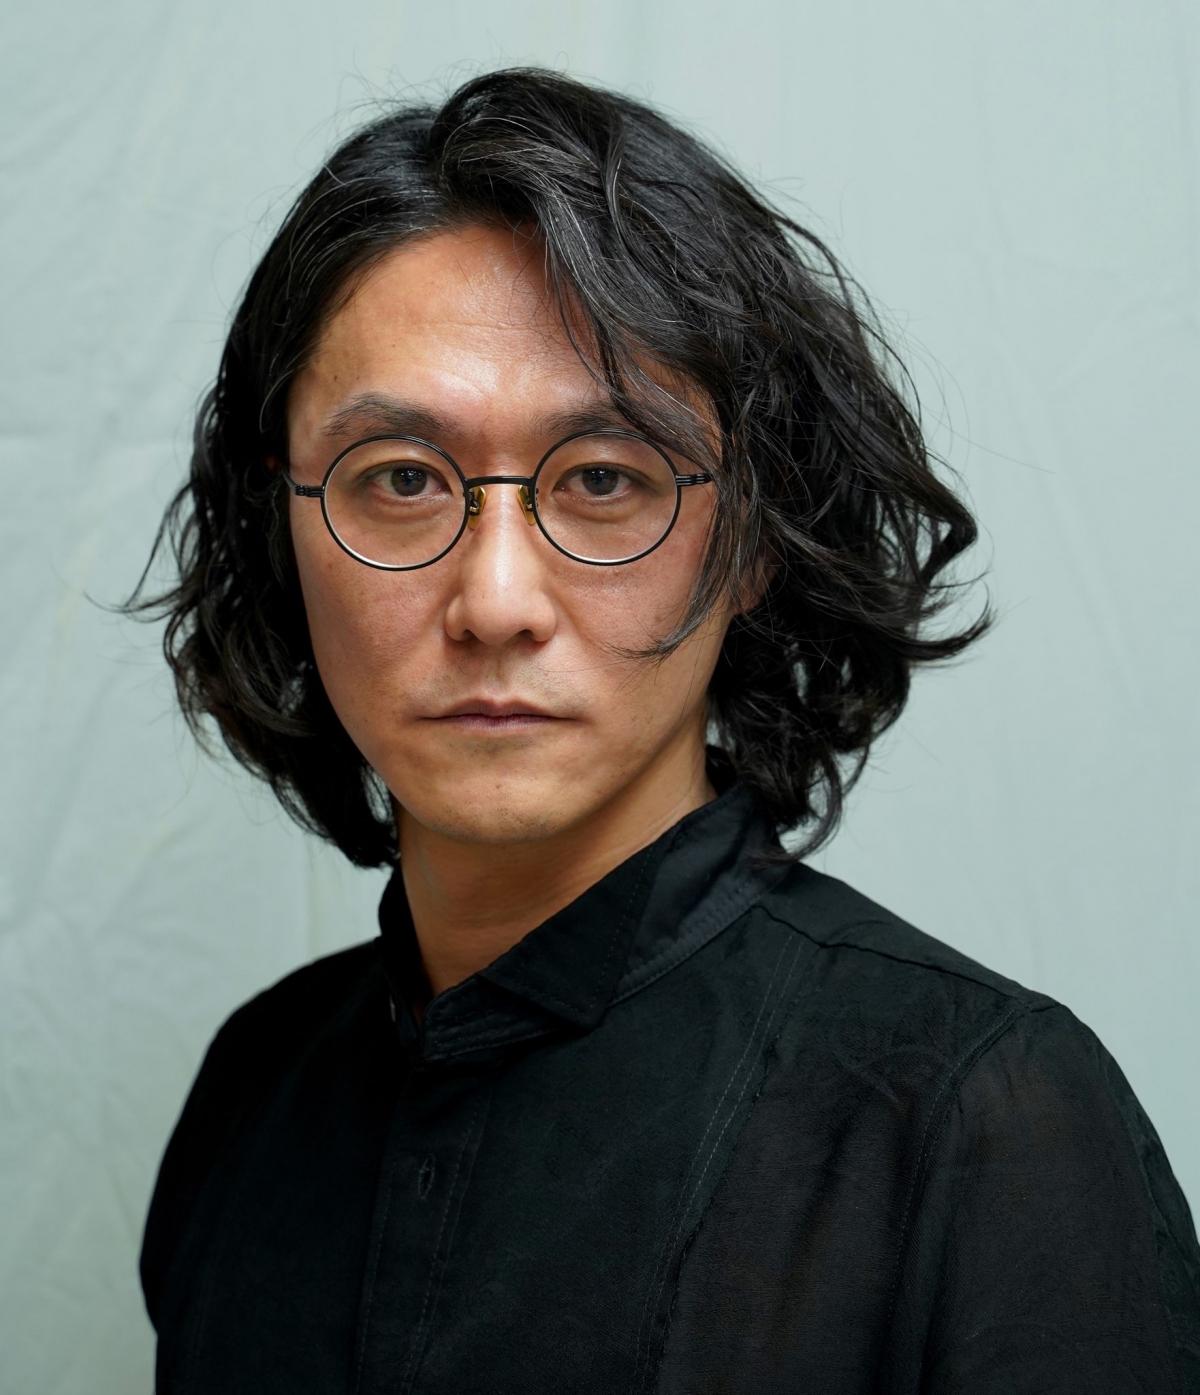 Đạo diễn Nhật BảnTsuyoshi Sugiyama.